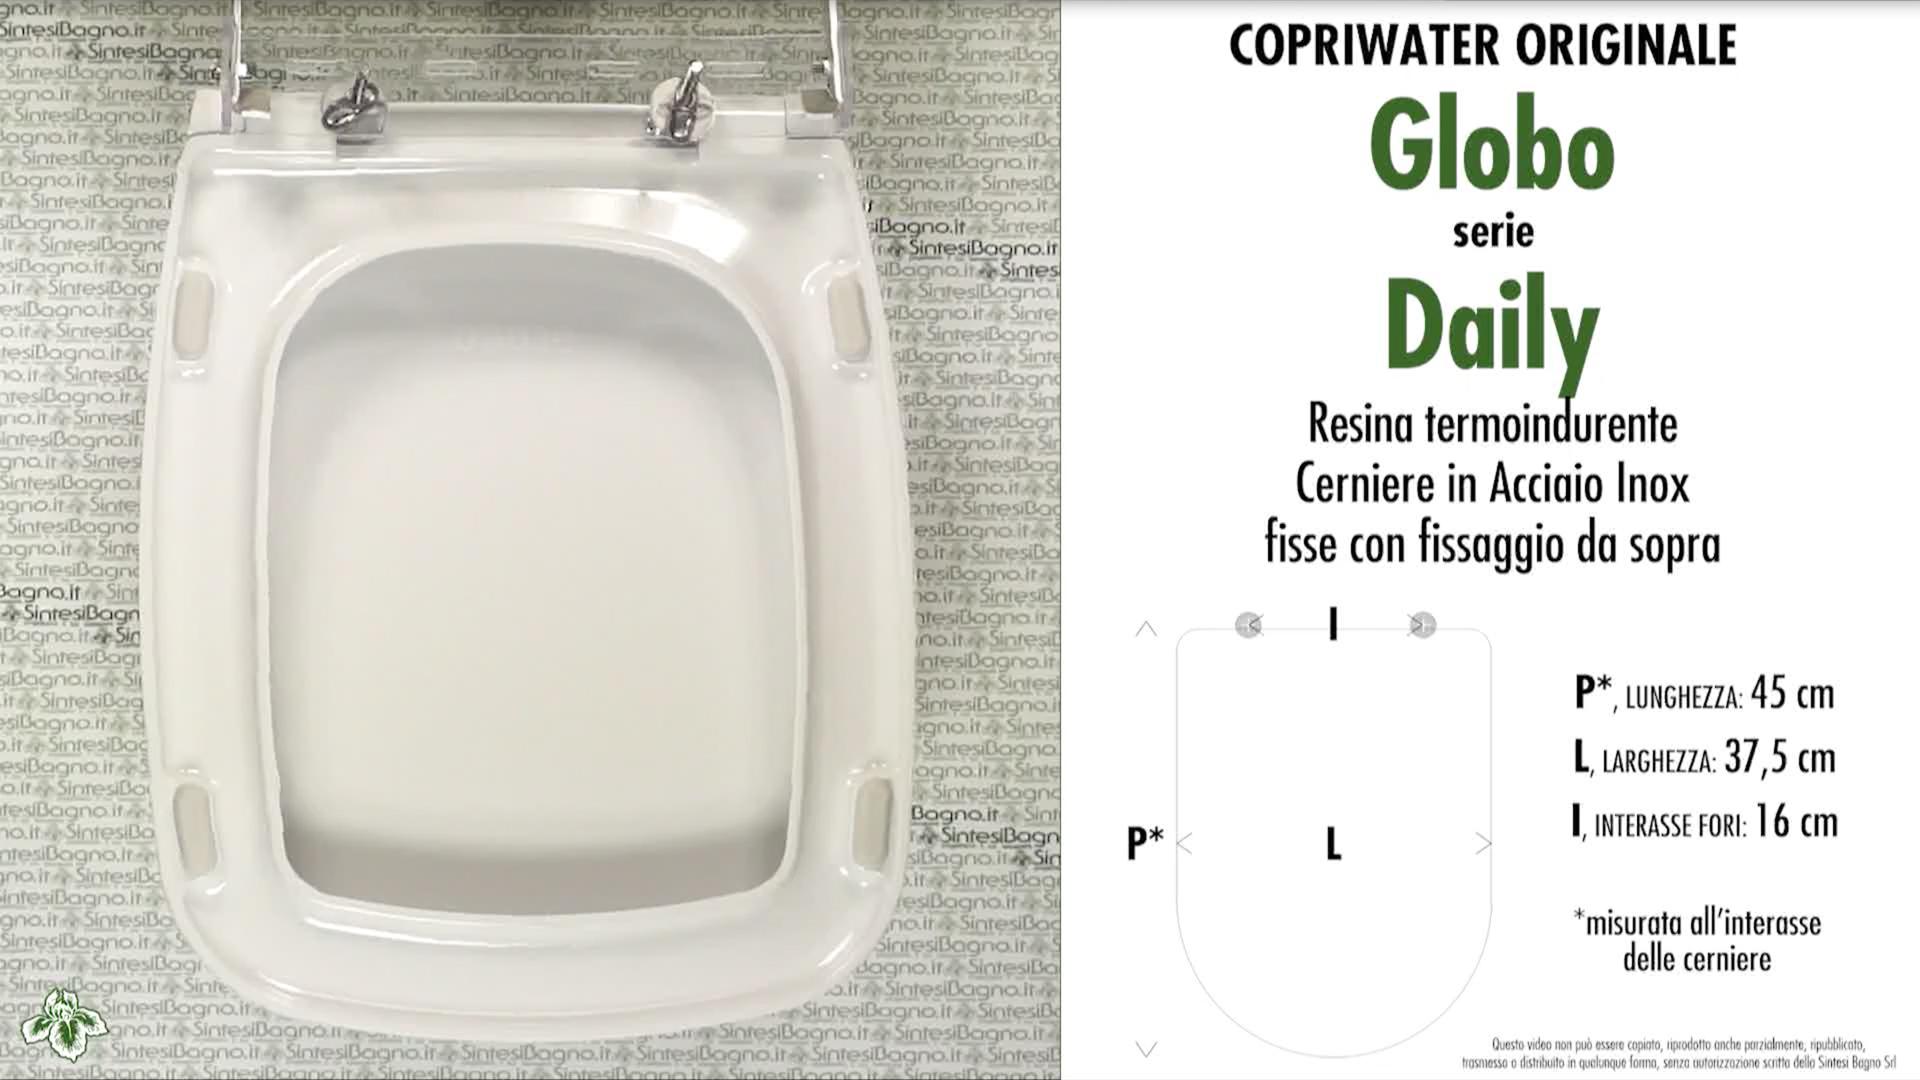 Schede tecniche misure copriwater globo serie daily for Copriwater globo serie lei